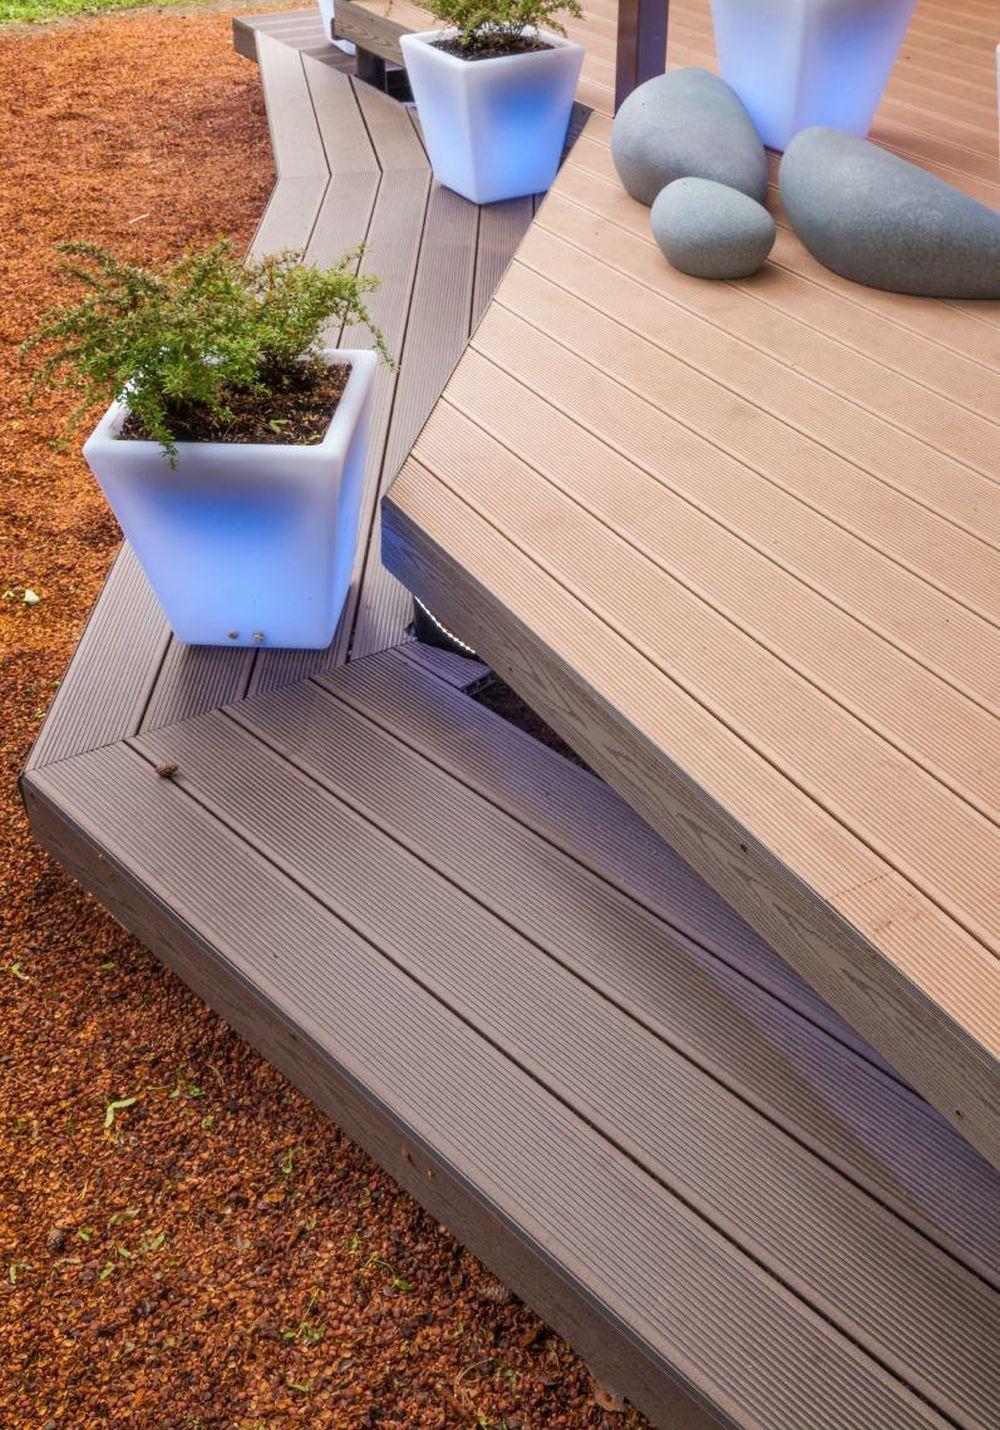 adelaparvu.com despre terasa cu bucatarie de vara,40 mp, Malakhovka, Rusia, Design Roman Belyanin si Alexei Zhbankov (11)